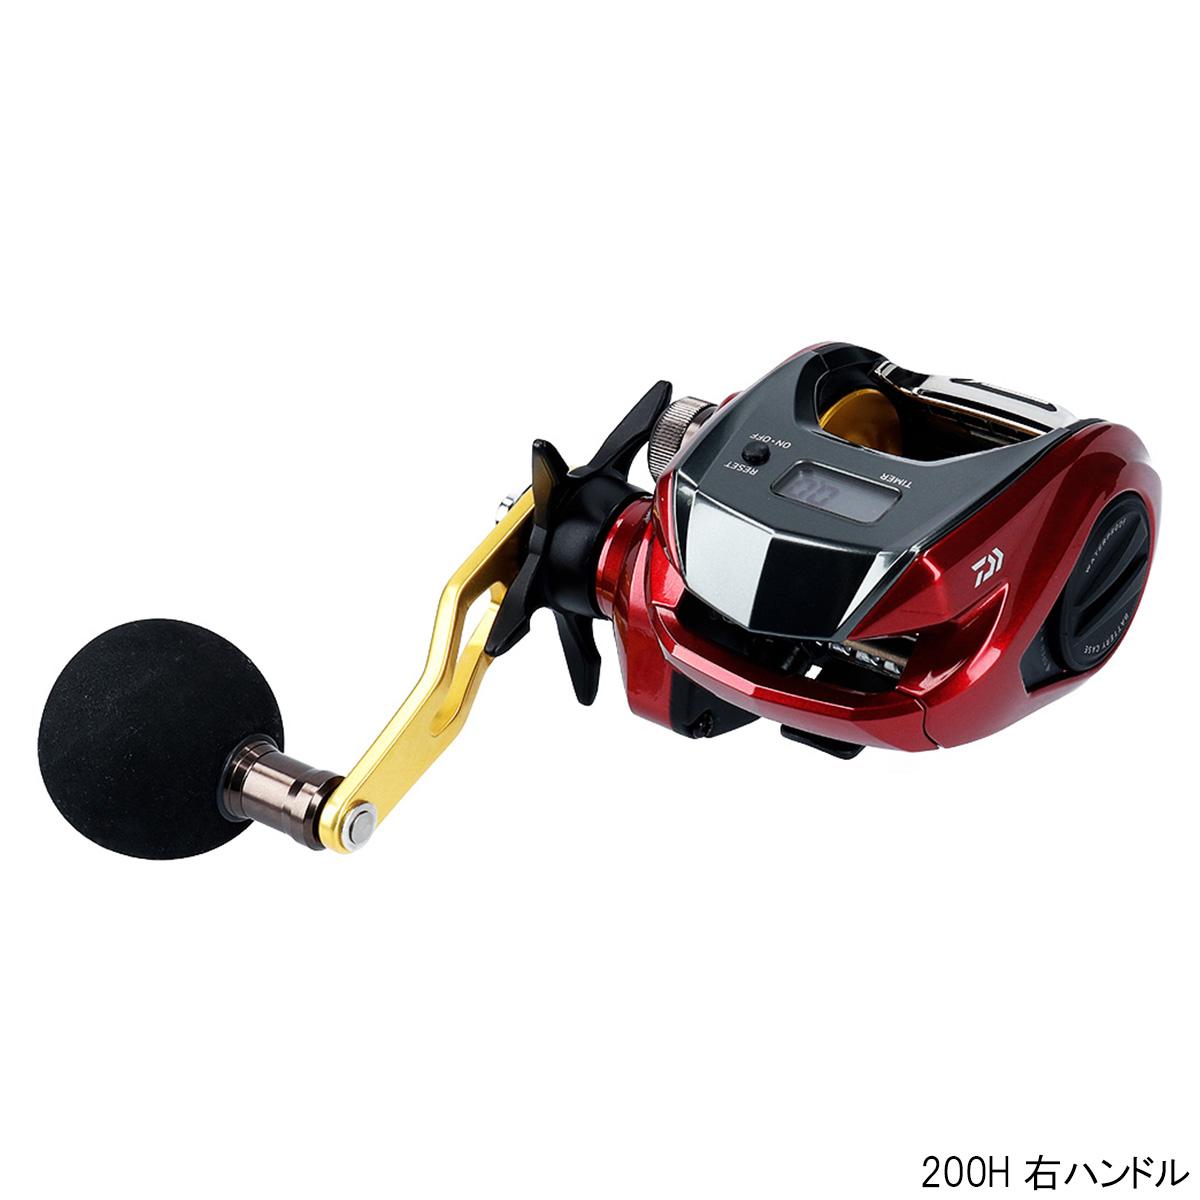 ダイワ スパルタン MX IC 200H 右ハンドル